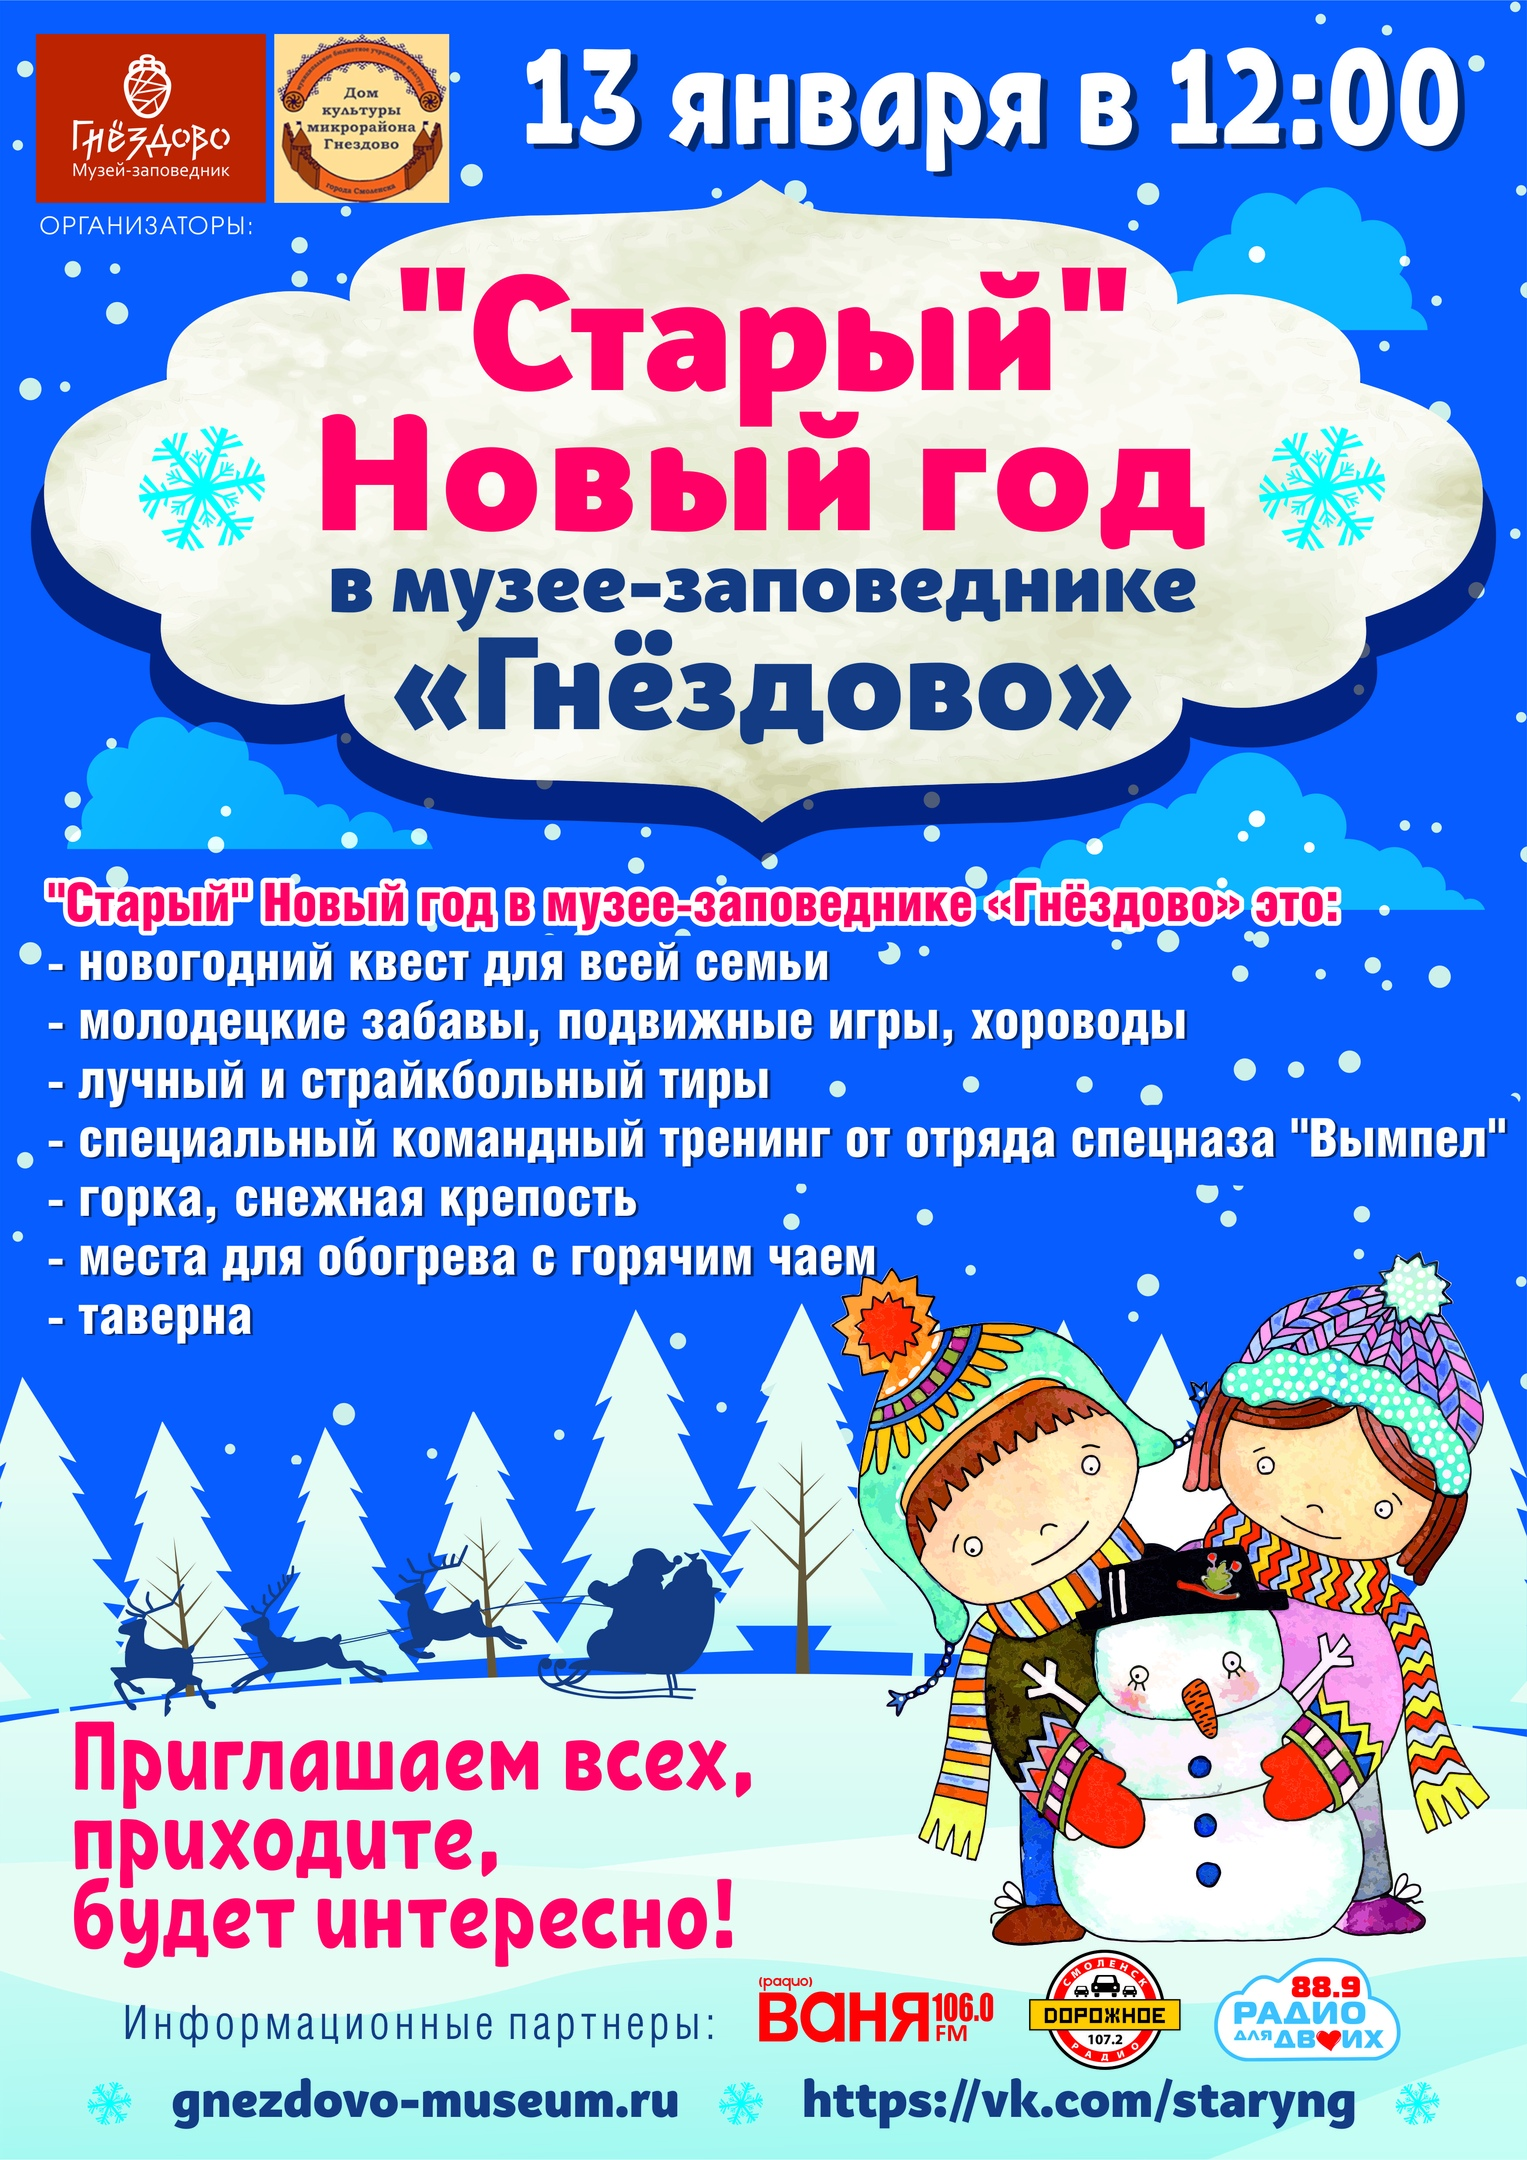 Под Смоленском отметят Старый Новый Год